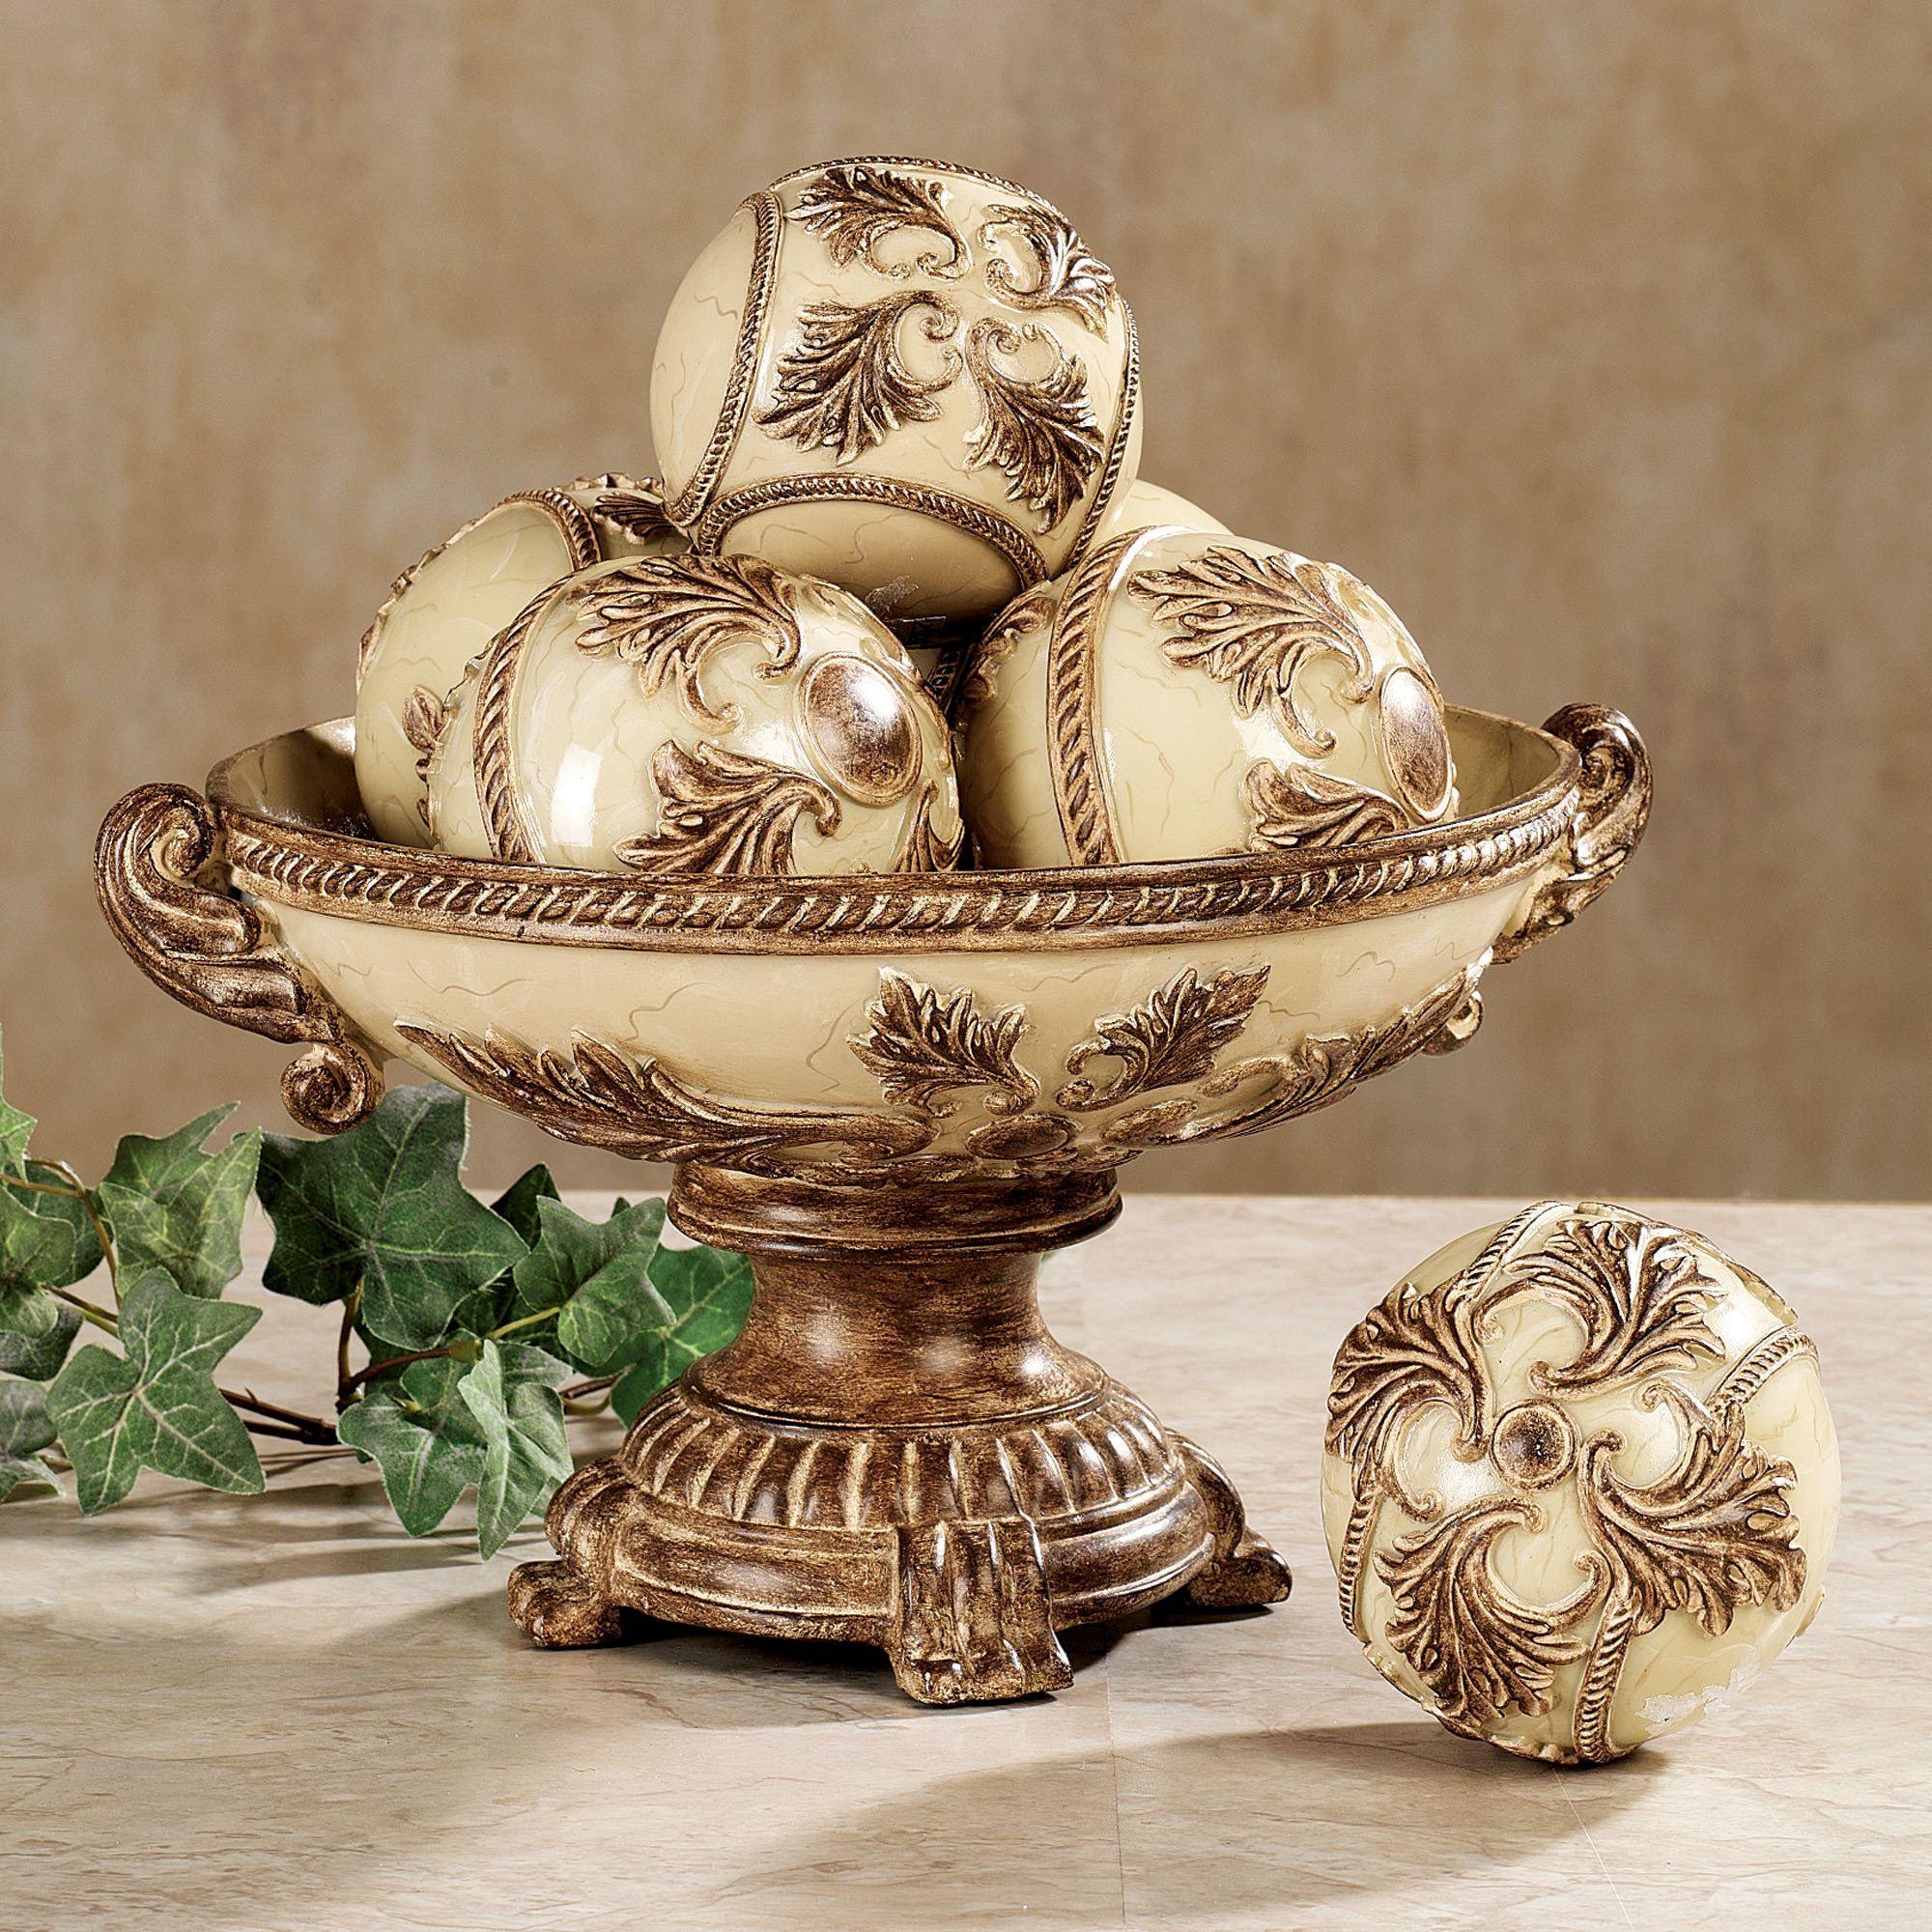 Vinelle Decorative Balls